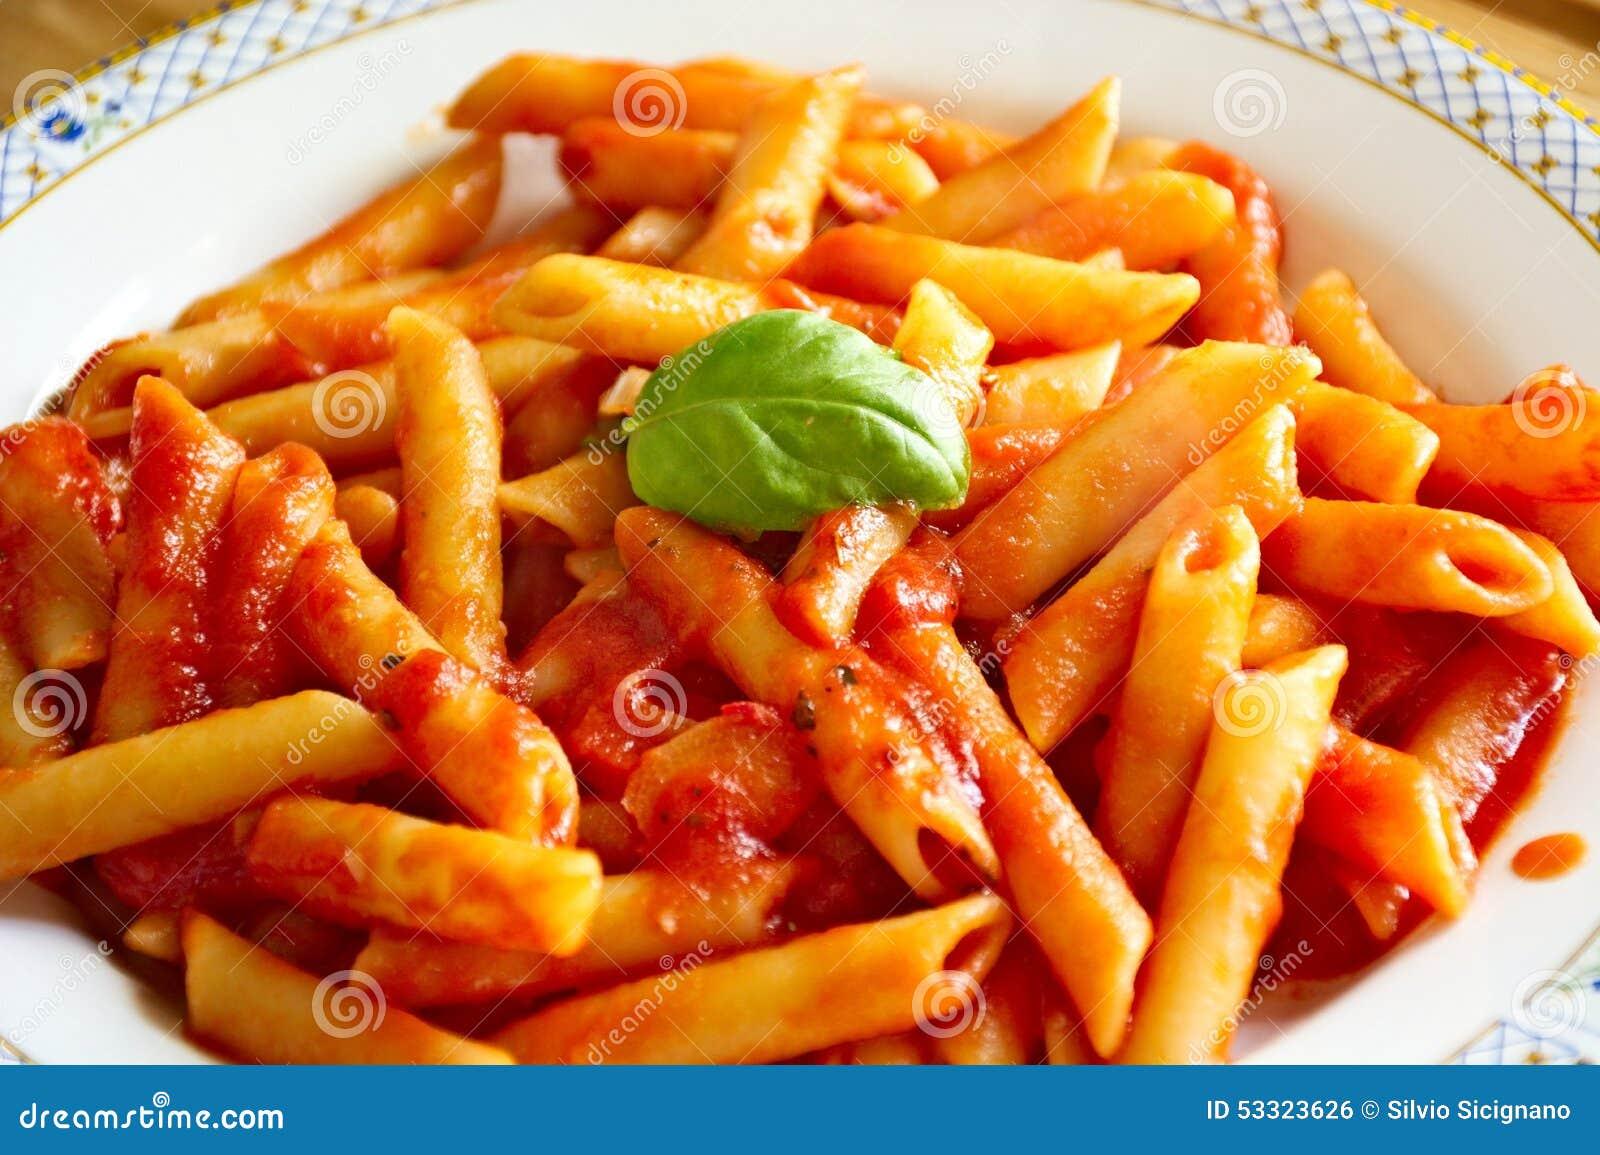 Food Recette